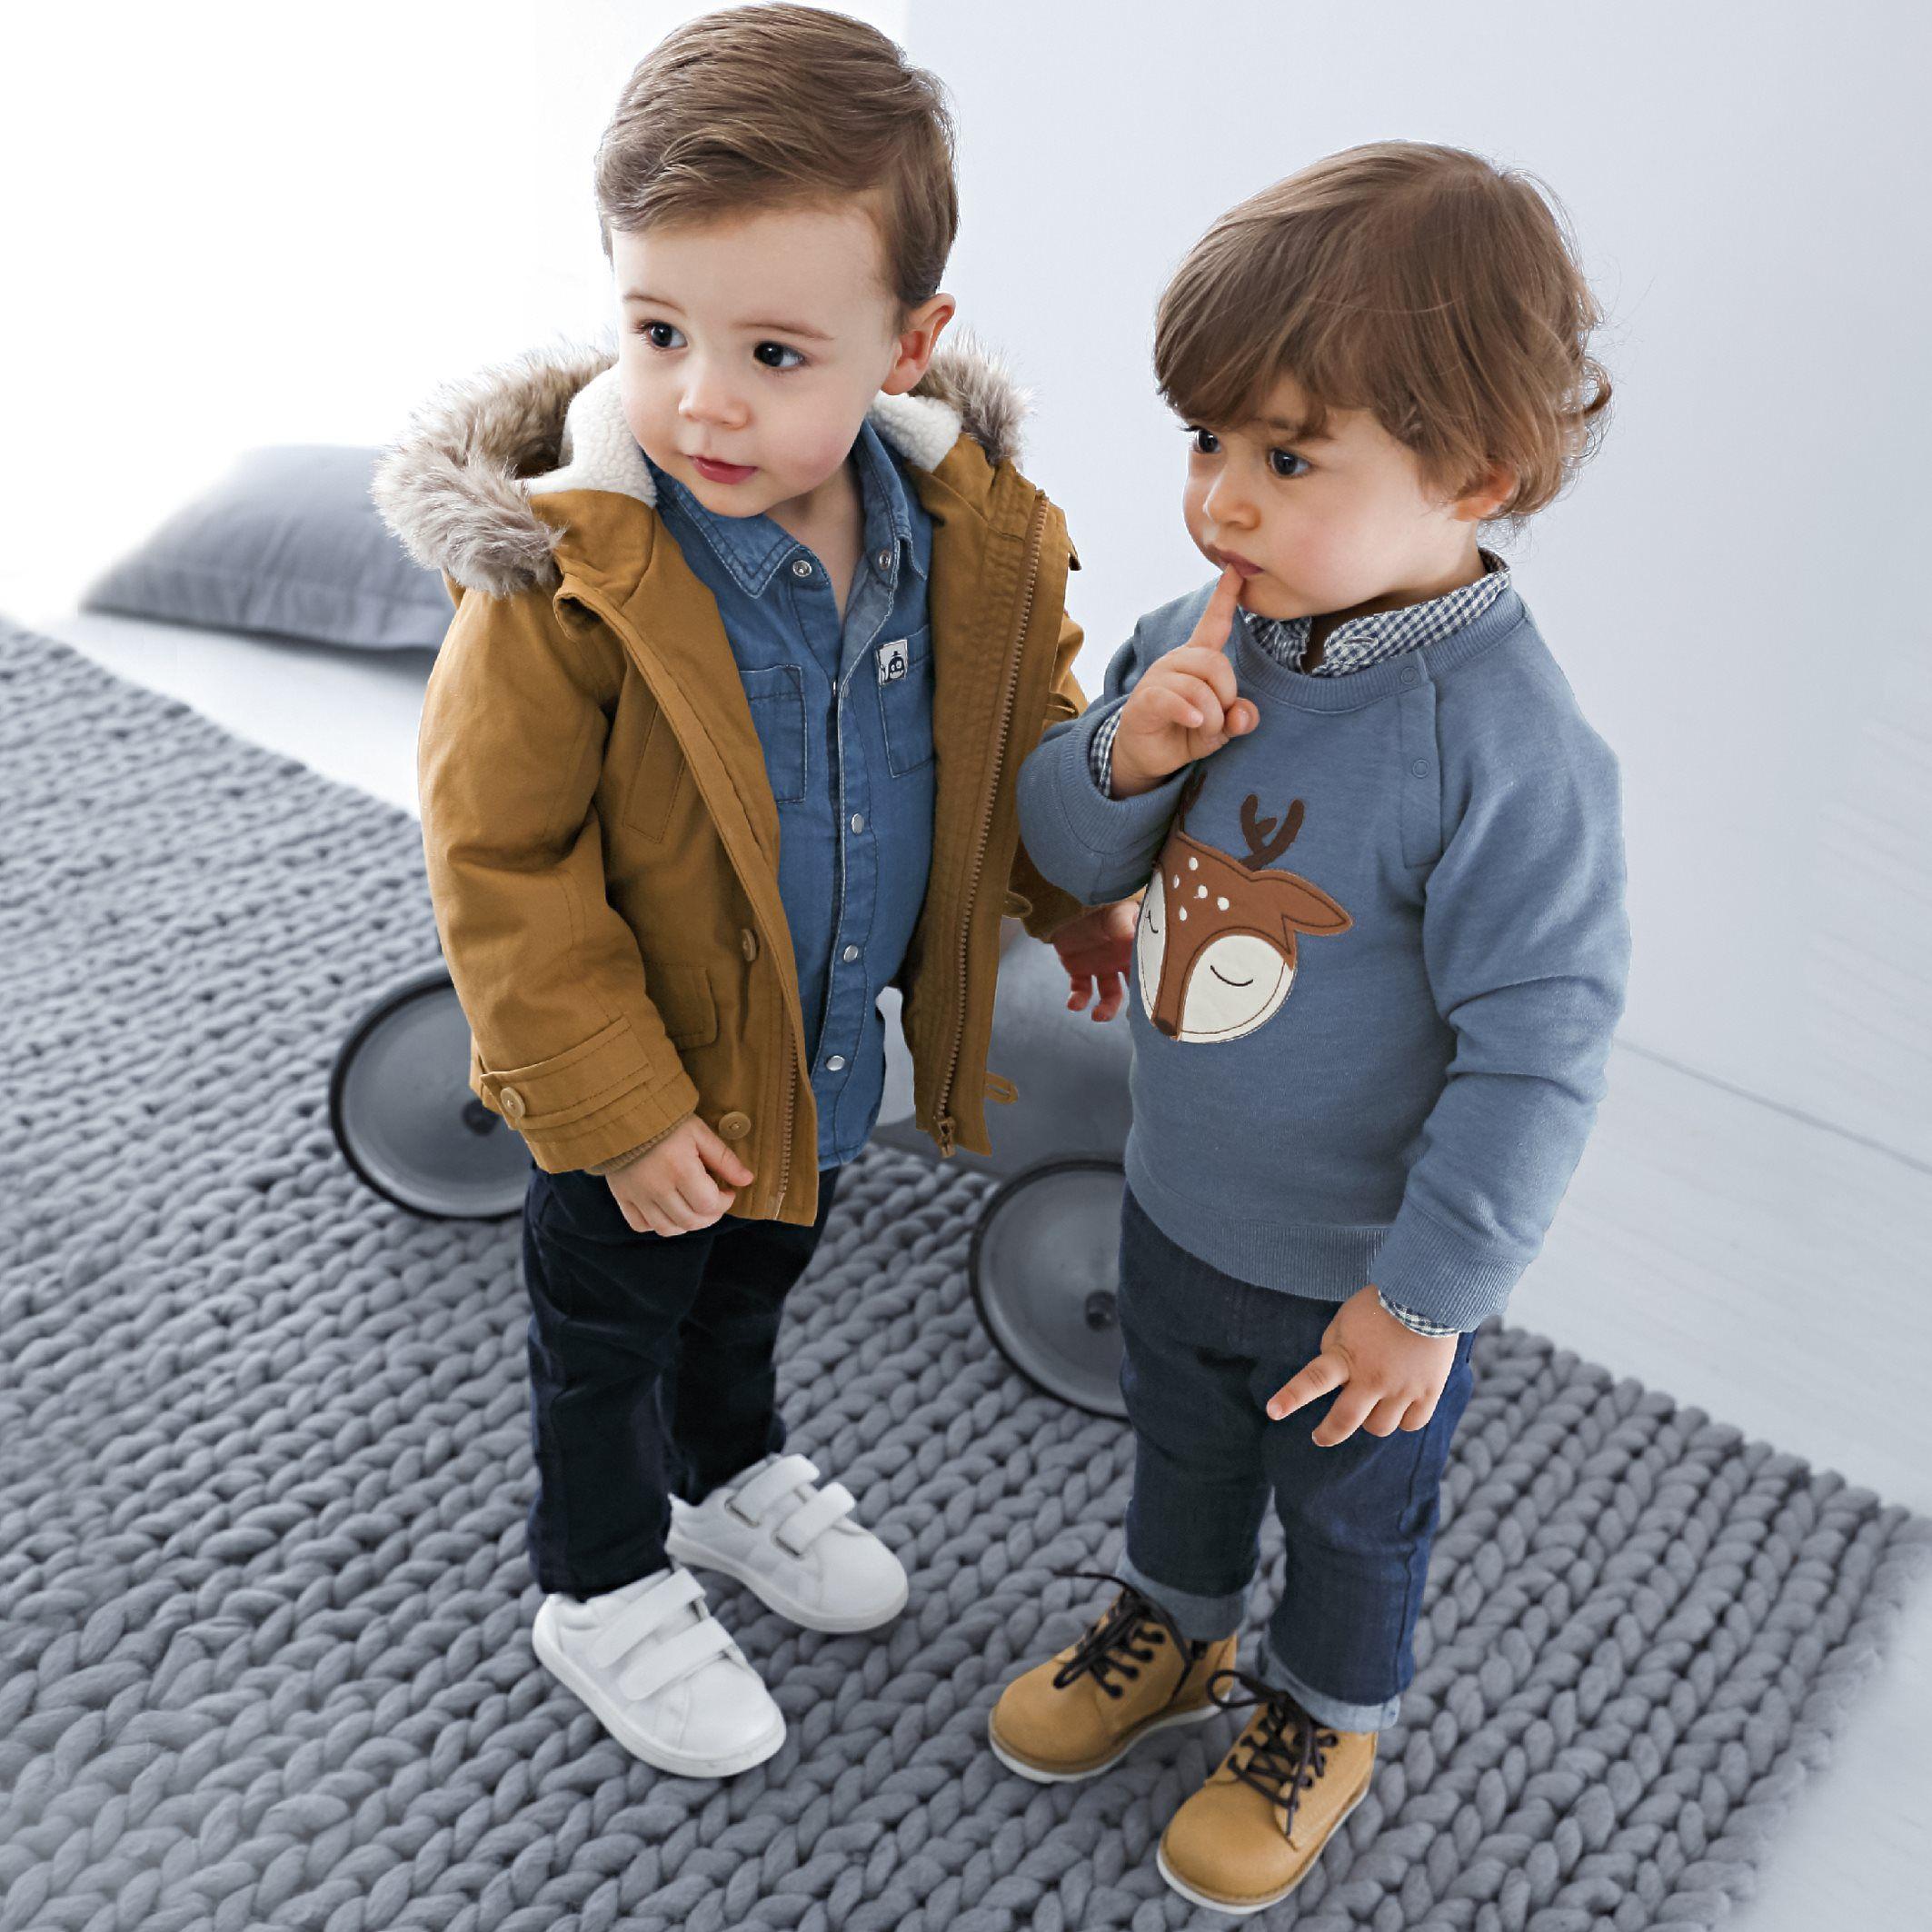 João E José 2 Anos Filhos Da Sthe Moda P Toda Horatempotipo